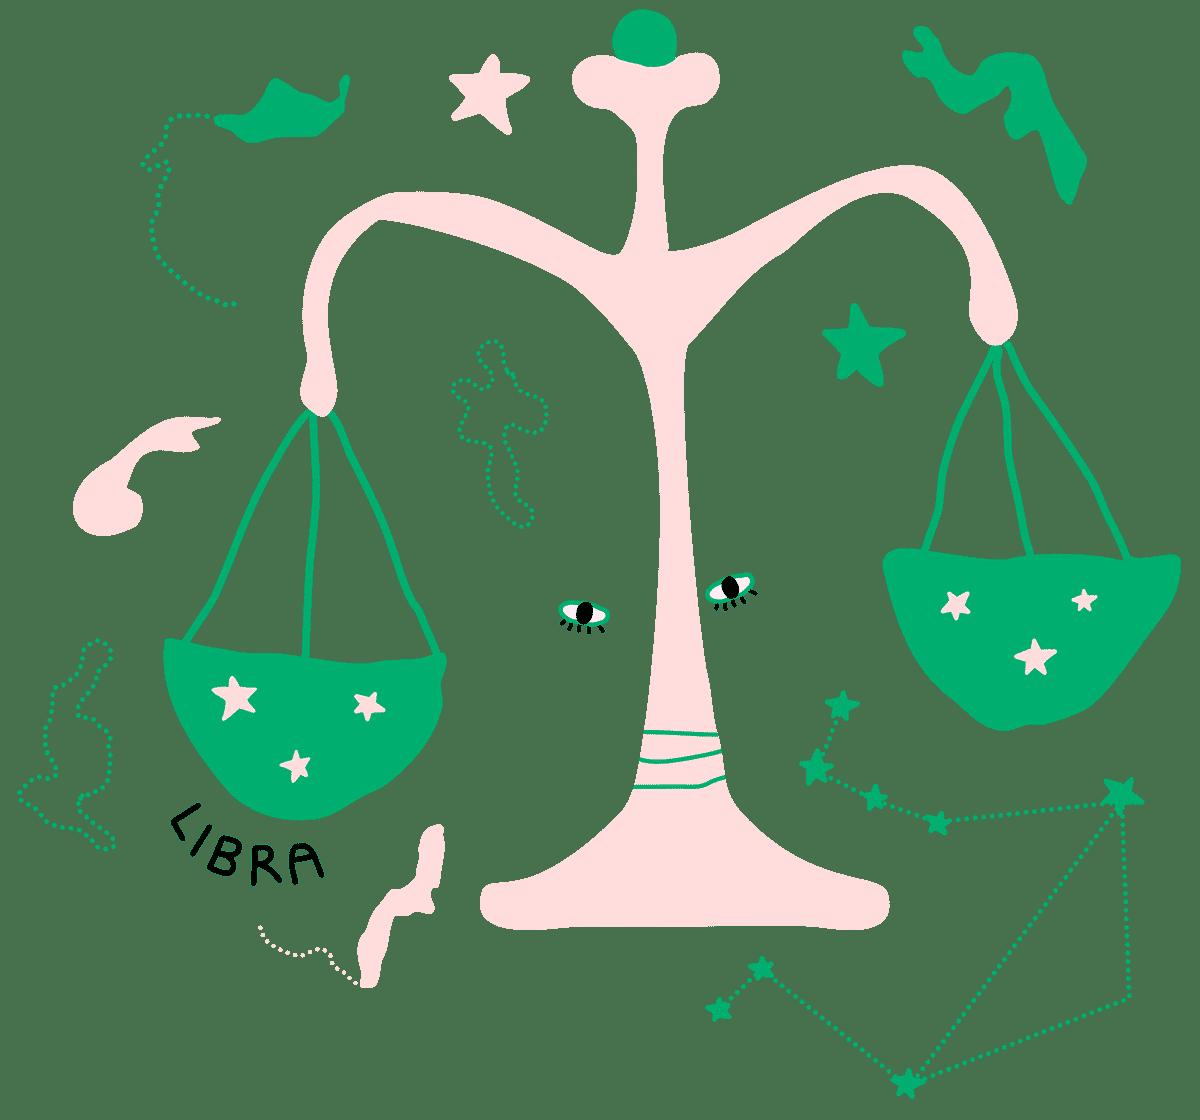 Signed Advice: Libra by Meech Boakye